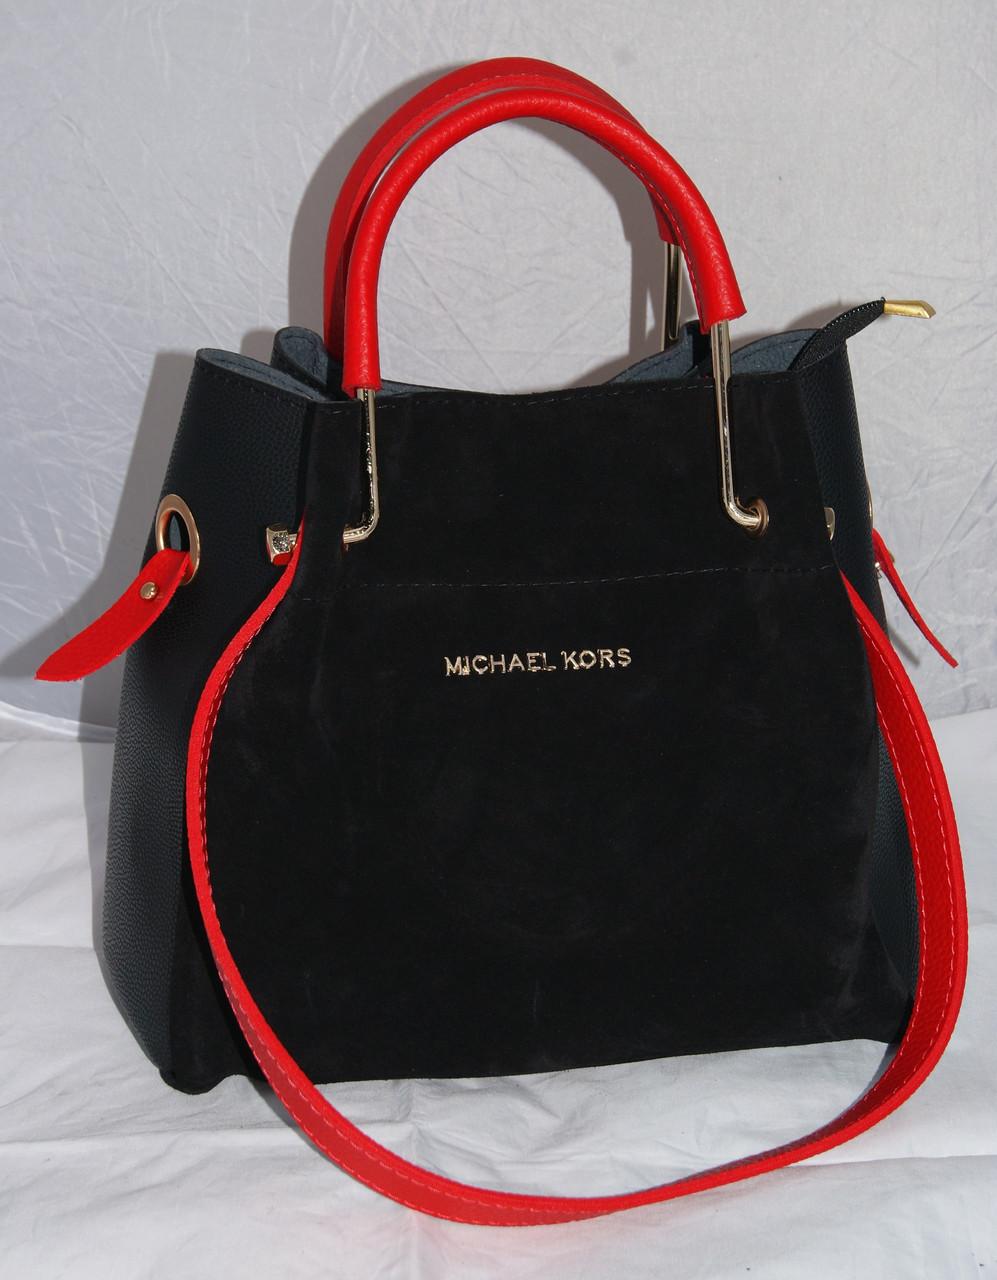 6532481b62ca Женская черная замшевая mini сумка-шоппер Michael Kors (Майкл Корс) с  отстёгивающейся косметичкой